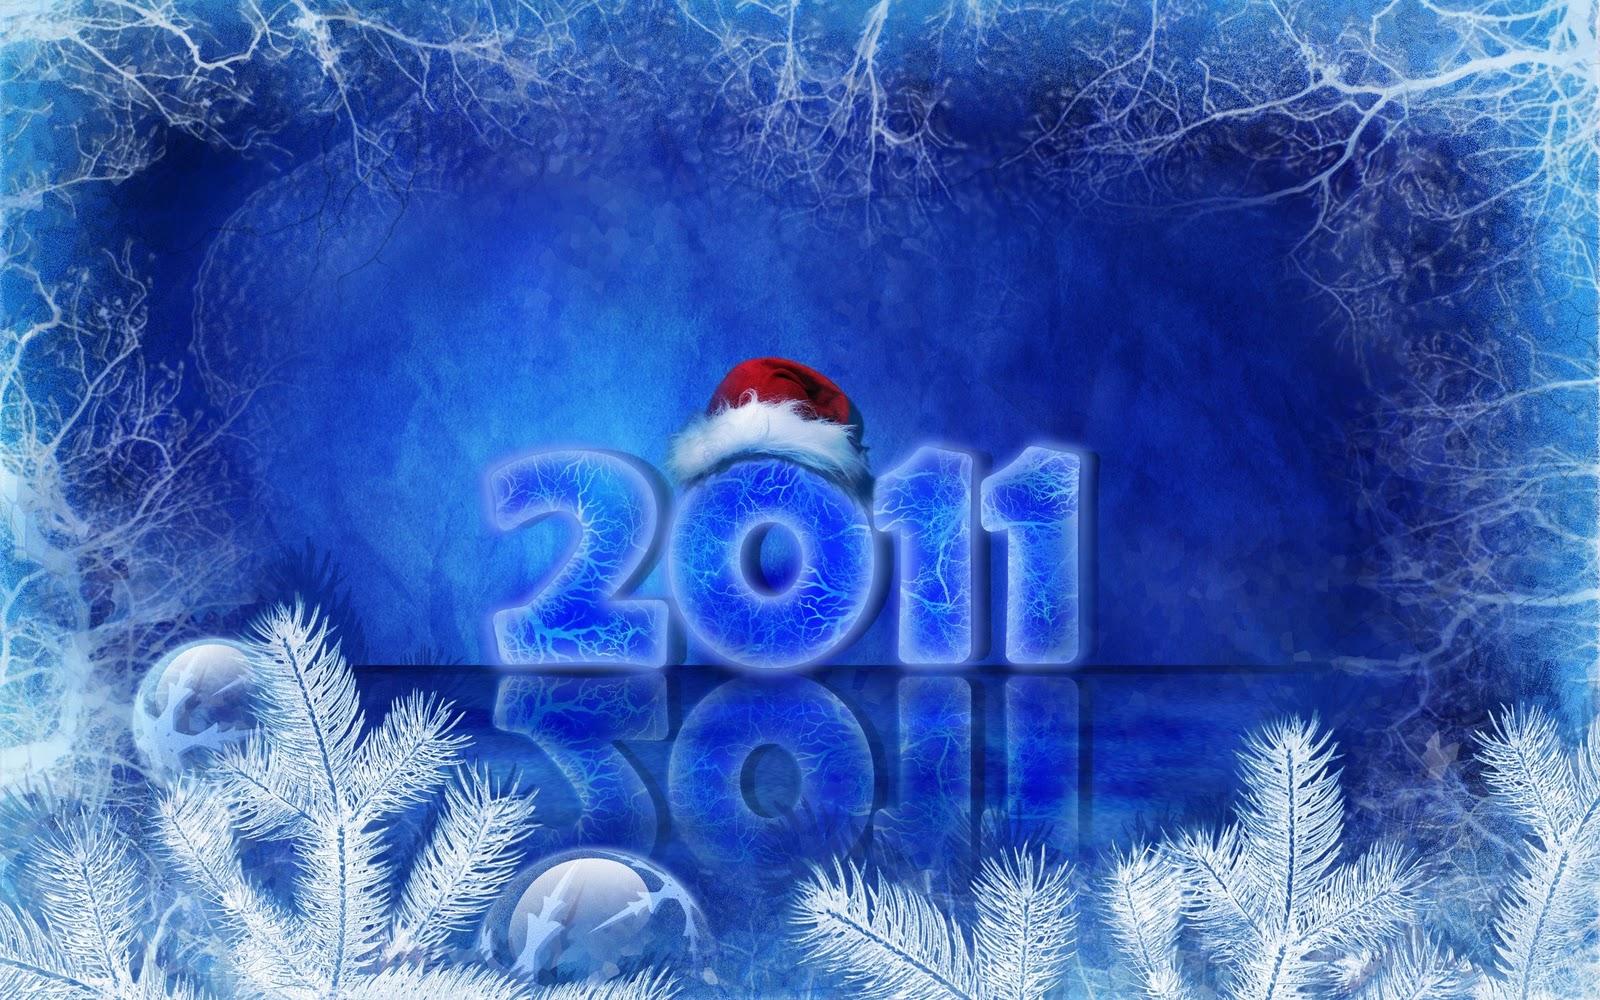 http://3.bp.blogspot.com/_SqmdoYGo_GU/TRxEzLNCmyI/AAAAAAAACqo/HFlXVSI_W84/s1600/forsee1+%25281%2529.jpg